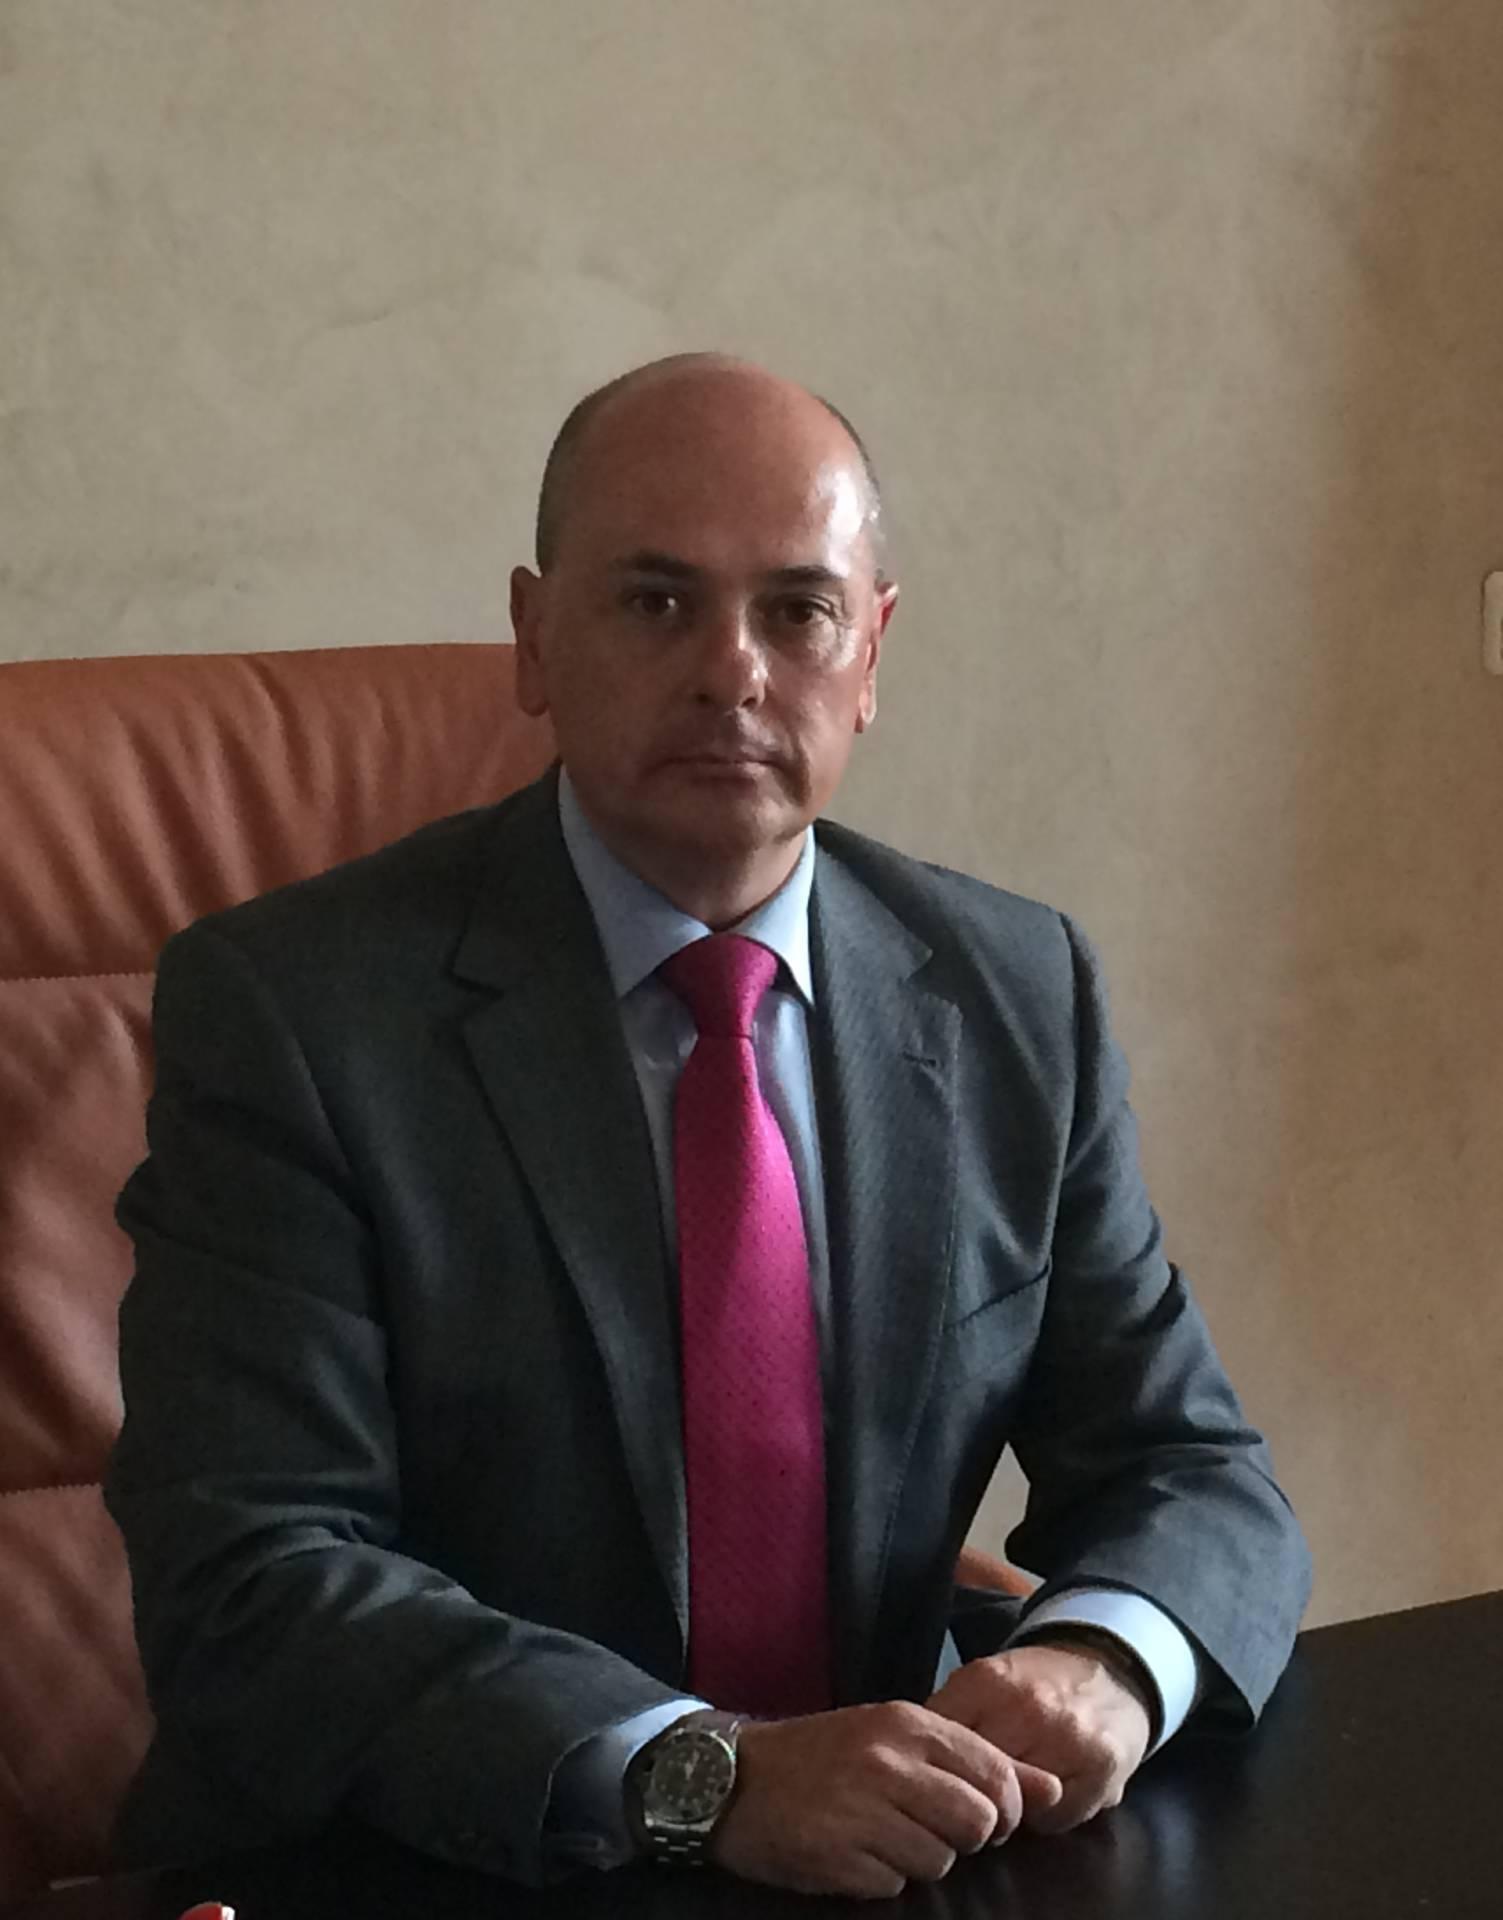 Javier Ricote de Miguel